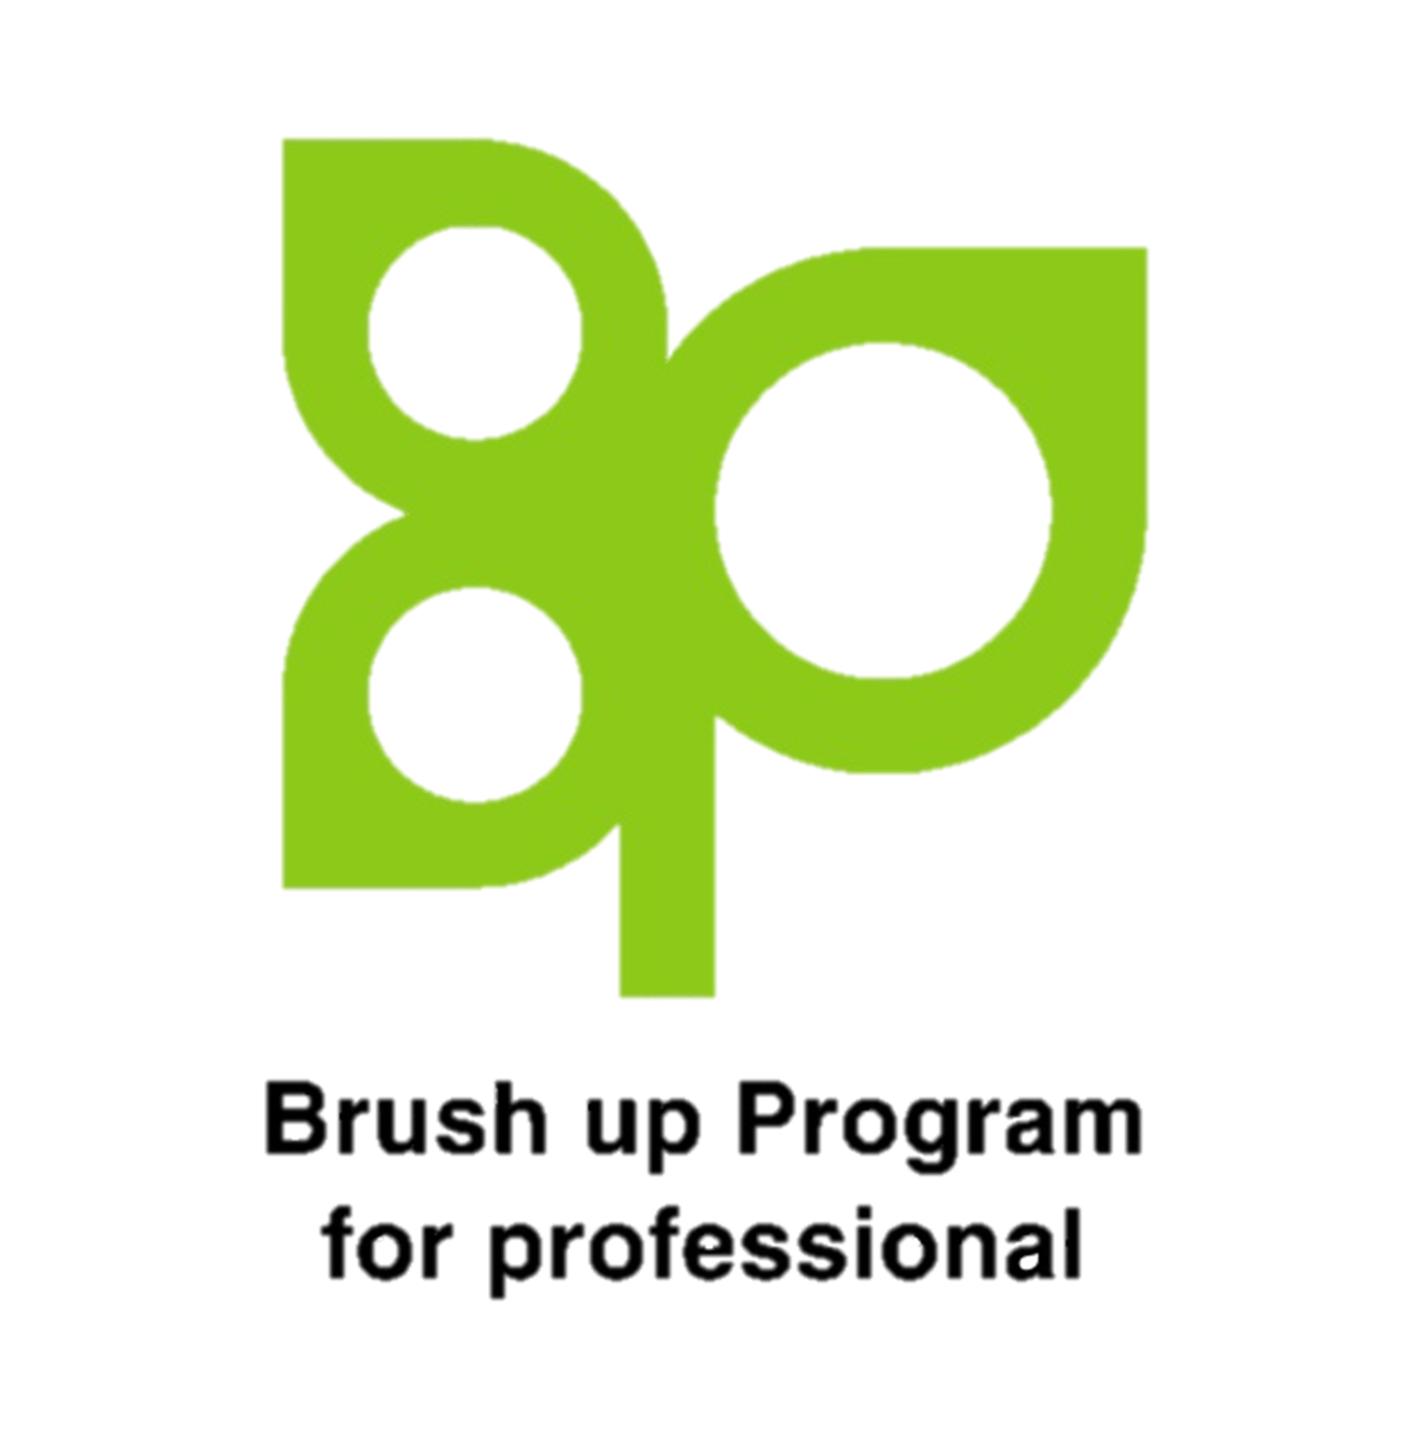 職業実践力育成プログラム(BP)